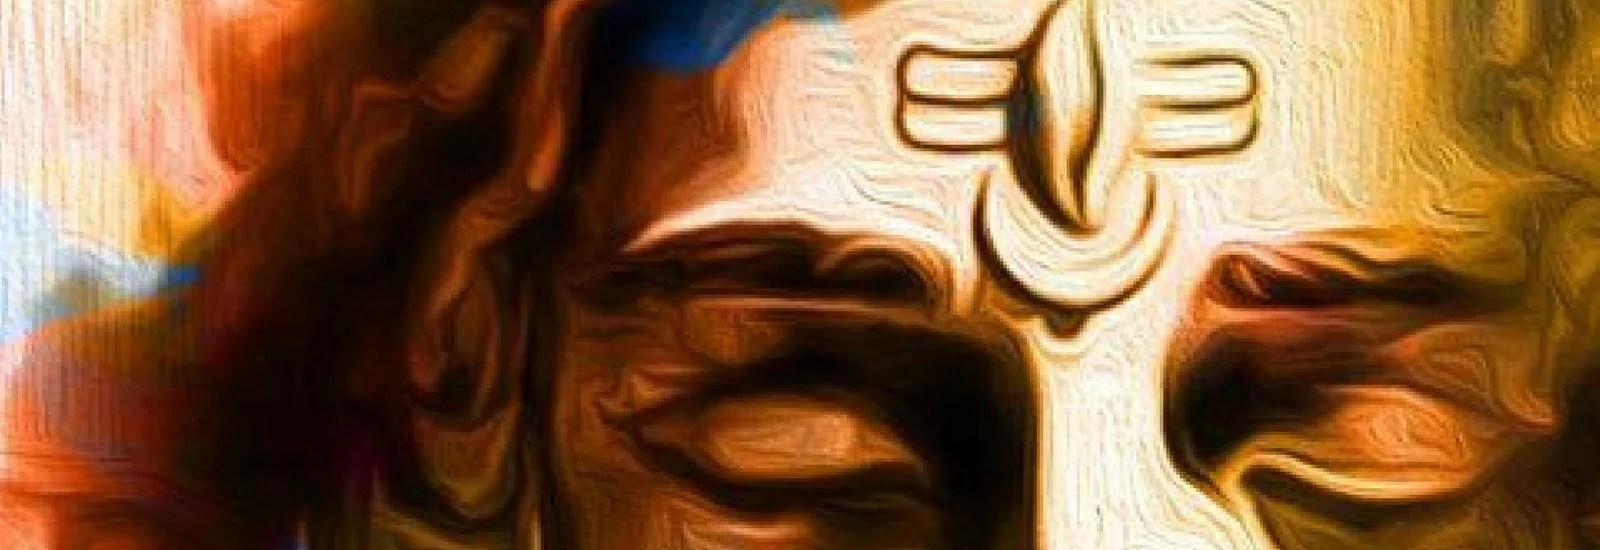 Amazing Shiva Chants/Songs